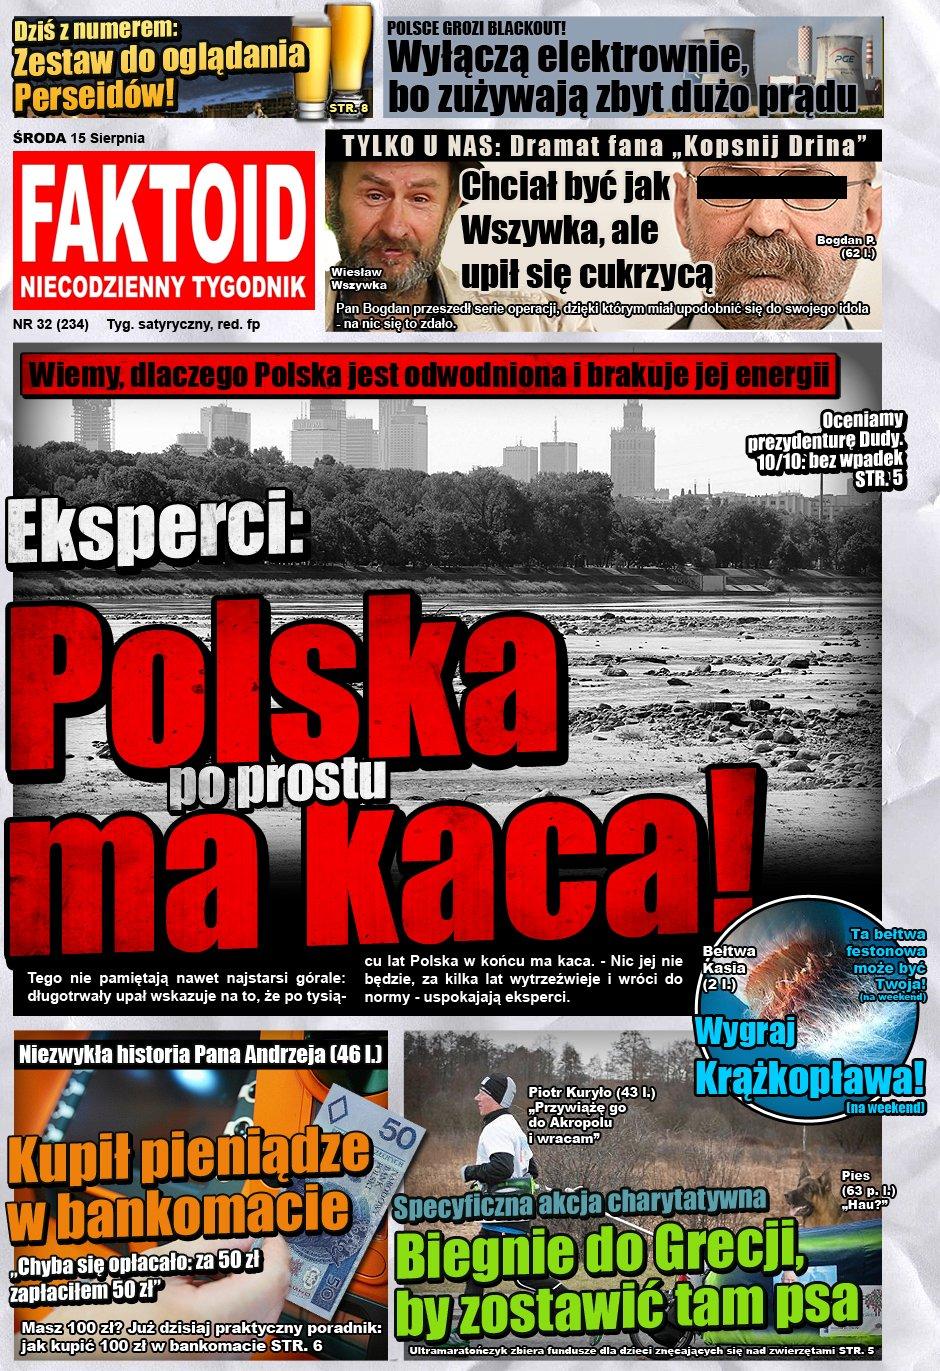 Faktoid: Polska ma kaca - Tego nie pamiętają nawet najstarsi górale: długotrwały upał wskazuje na to, że po tysiącu lat Polska w końcu ma kaca